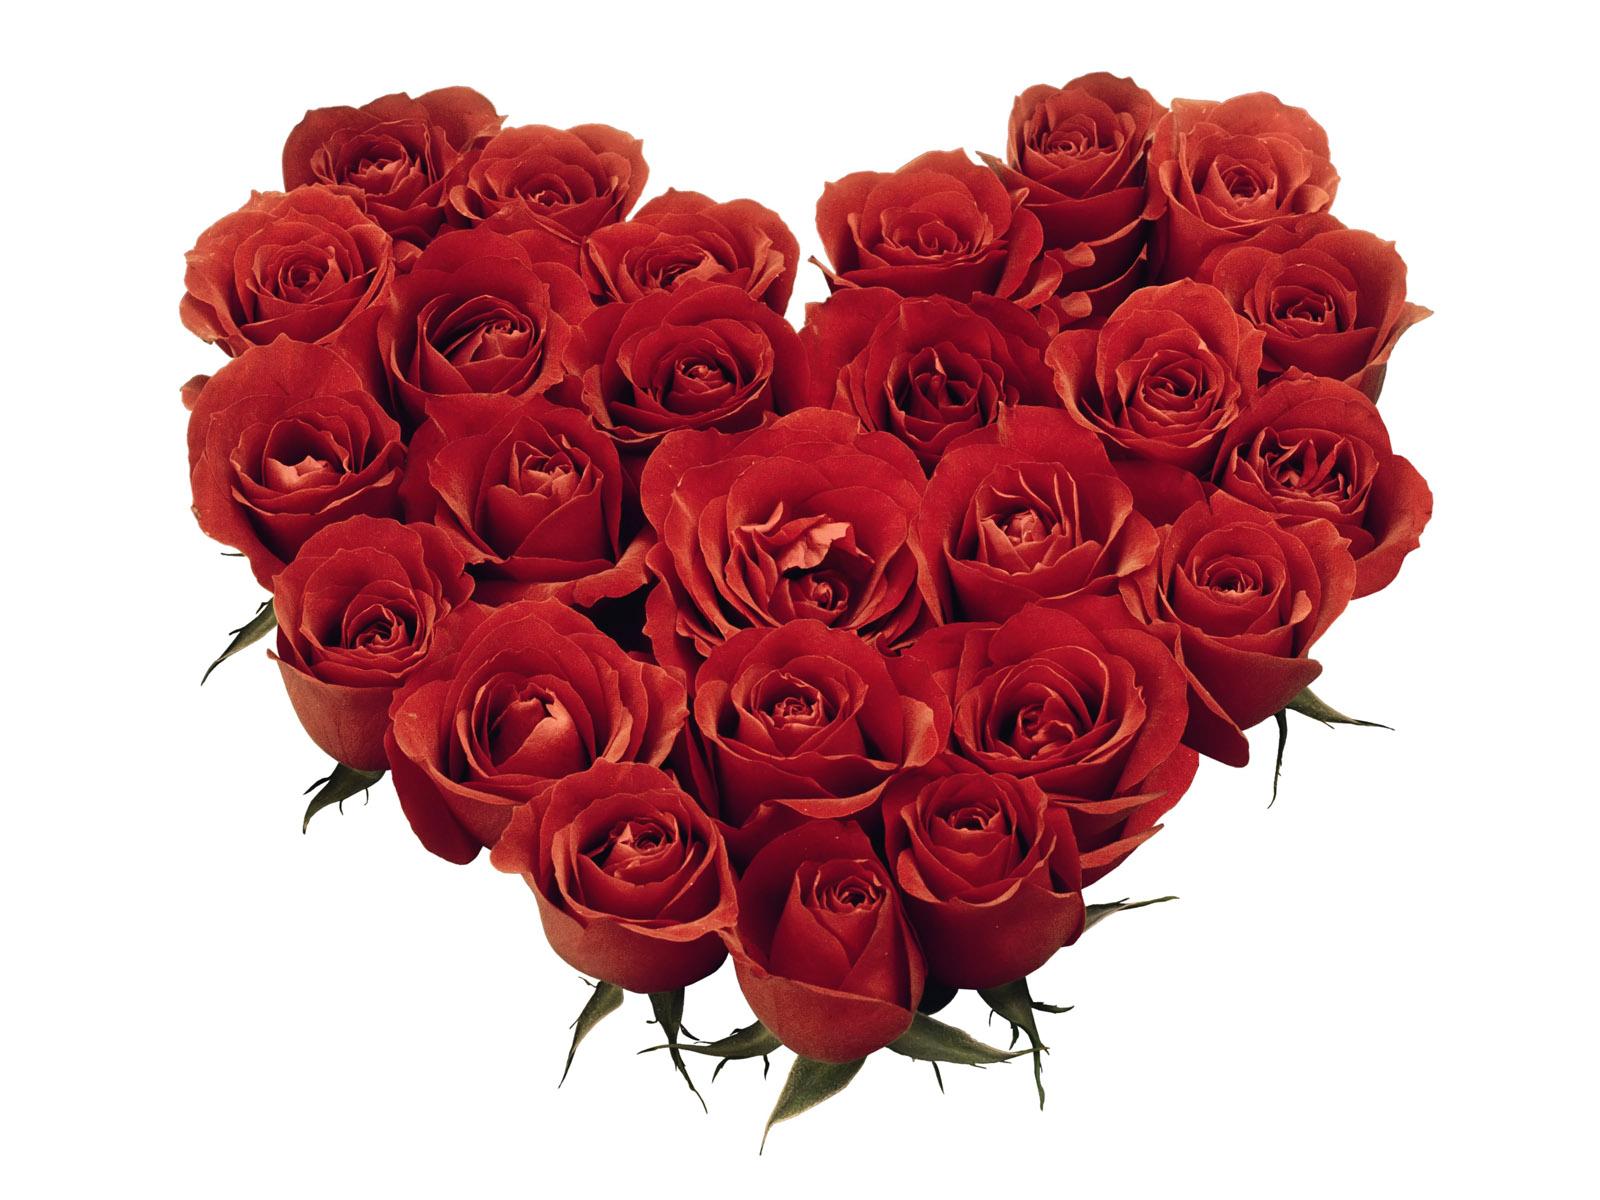 Ramo de rosas para facebook - Fotografias y fotos para imprimir